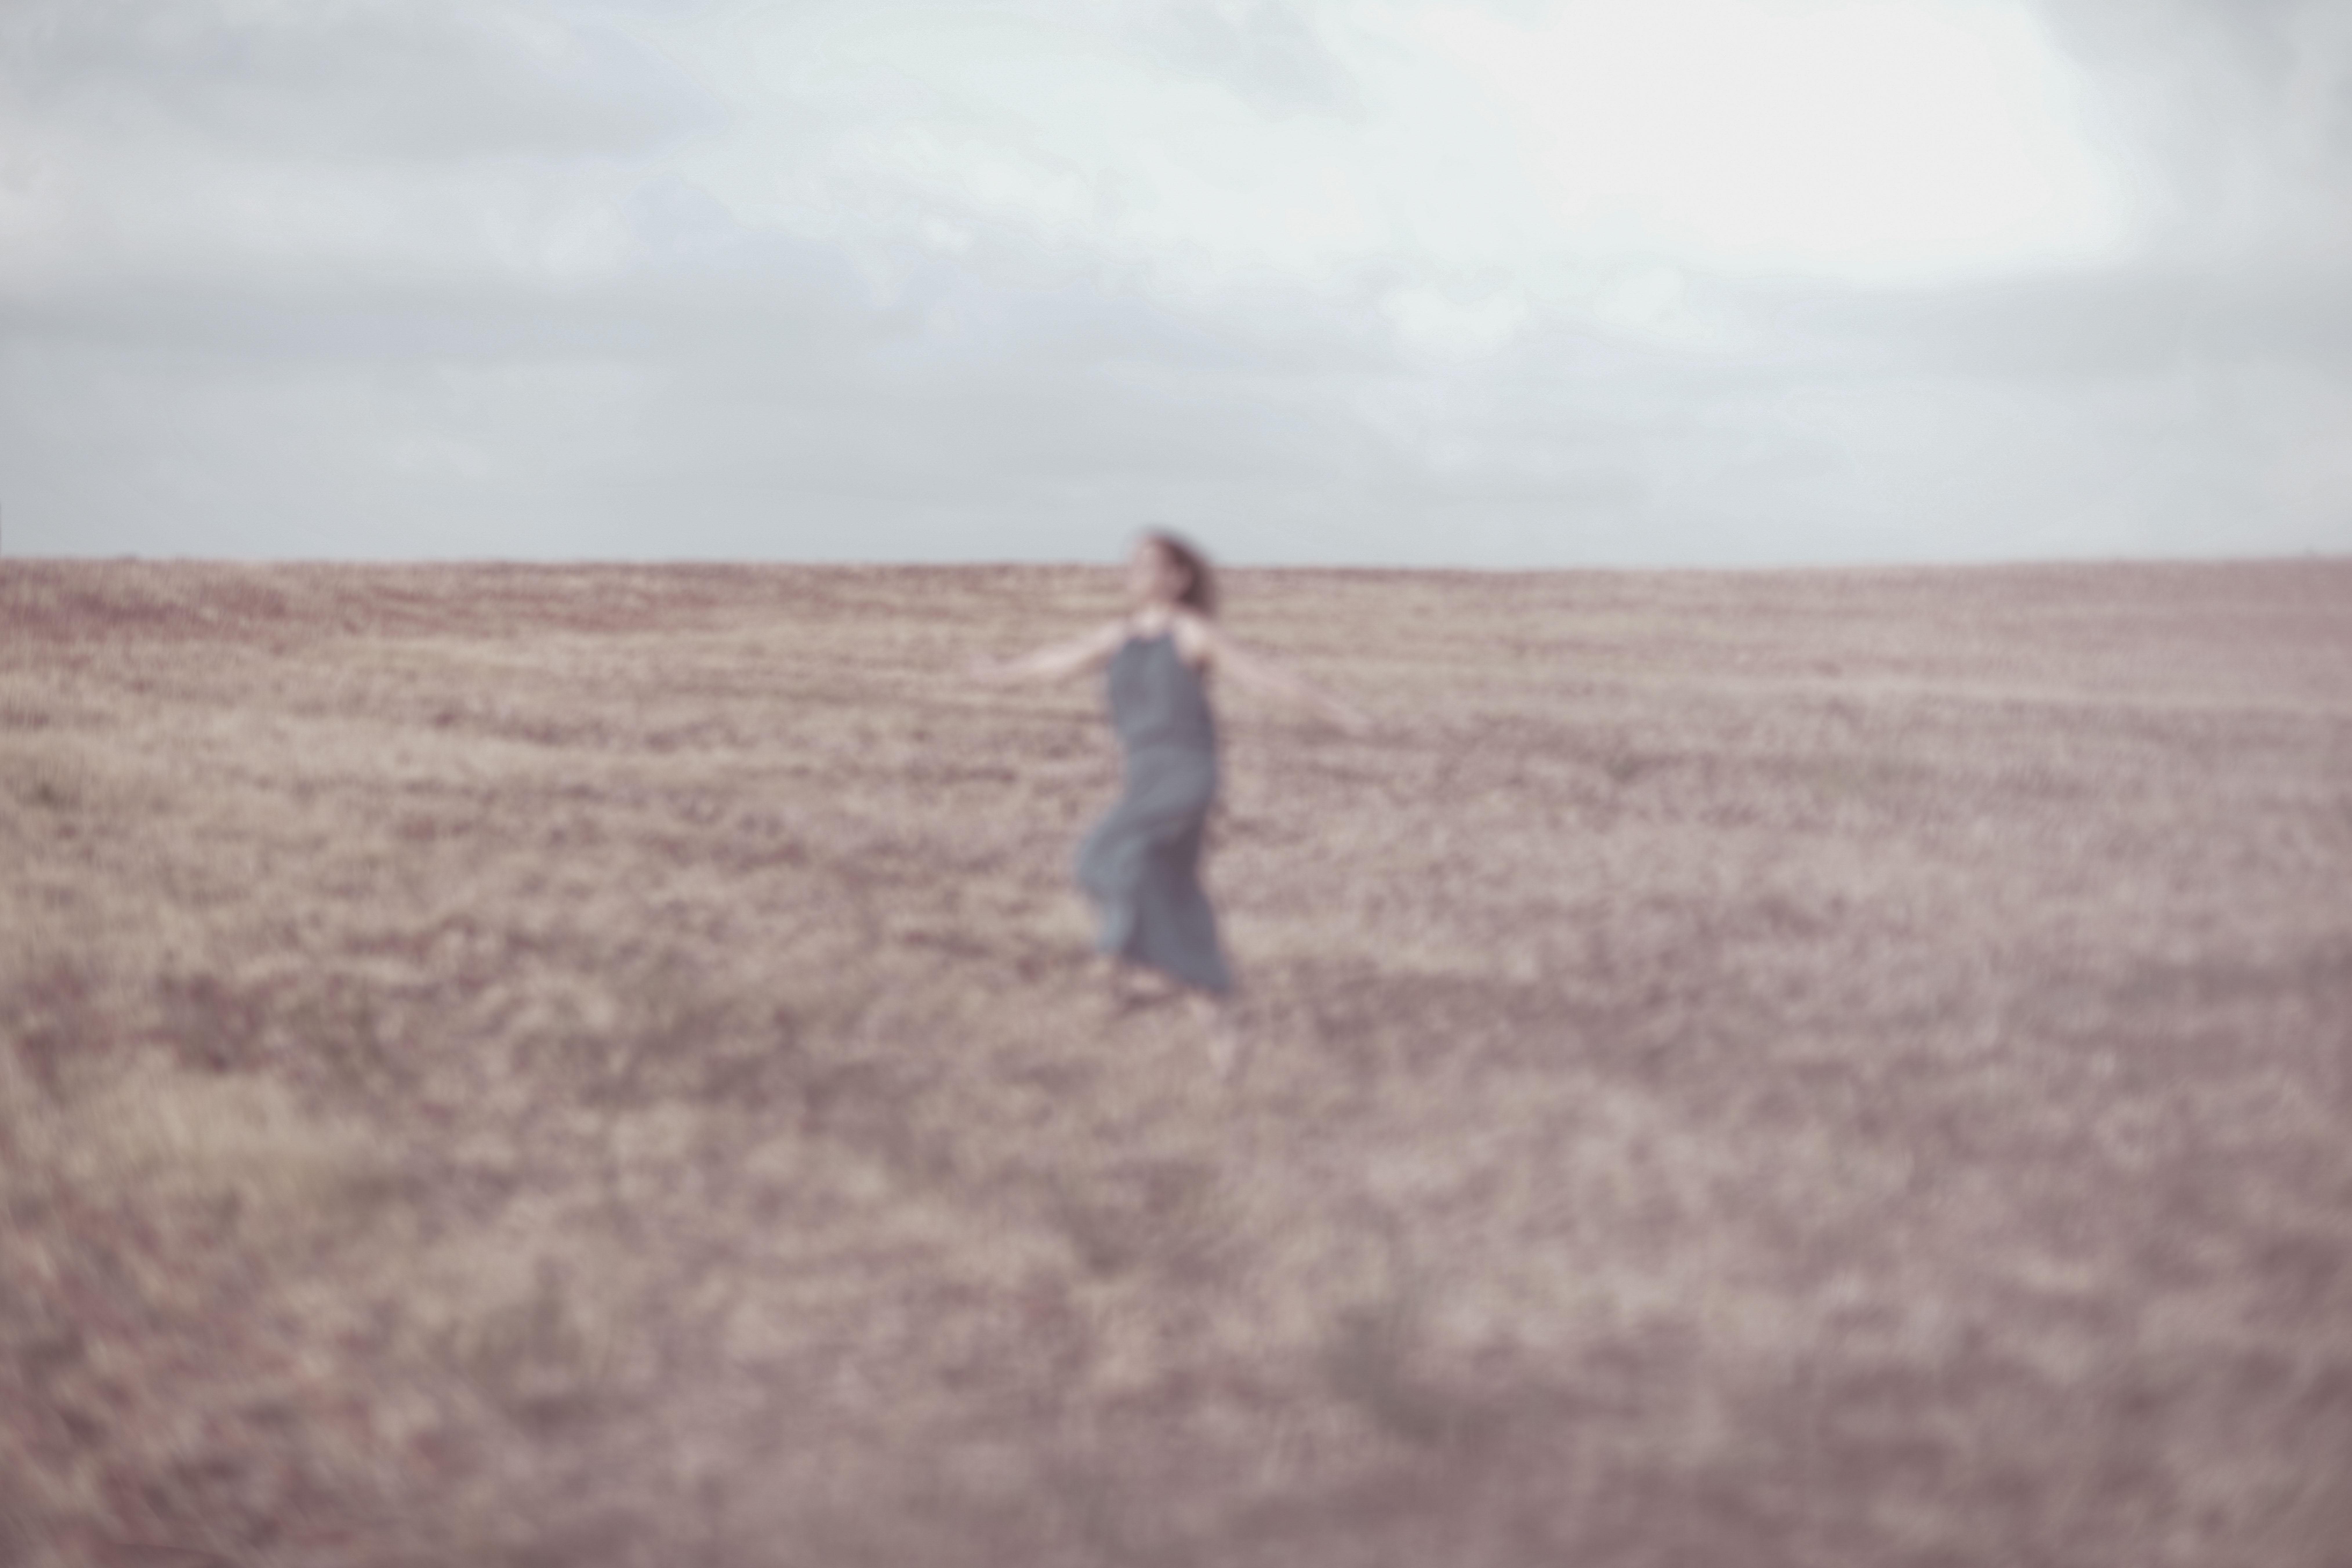 אישה רצה בשדה. מתוך הפוסט - חיבוק של אדמה מהבלוג של תמרי סלונים ליבס tamariandme.com צילום: טלי רצקר